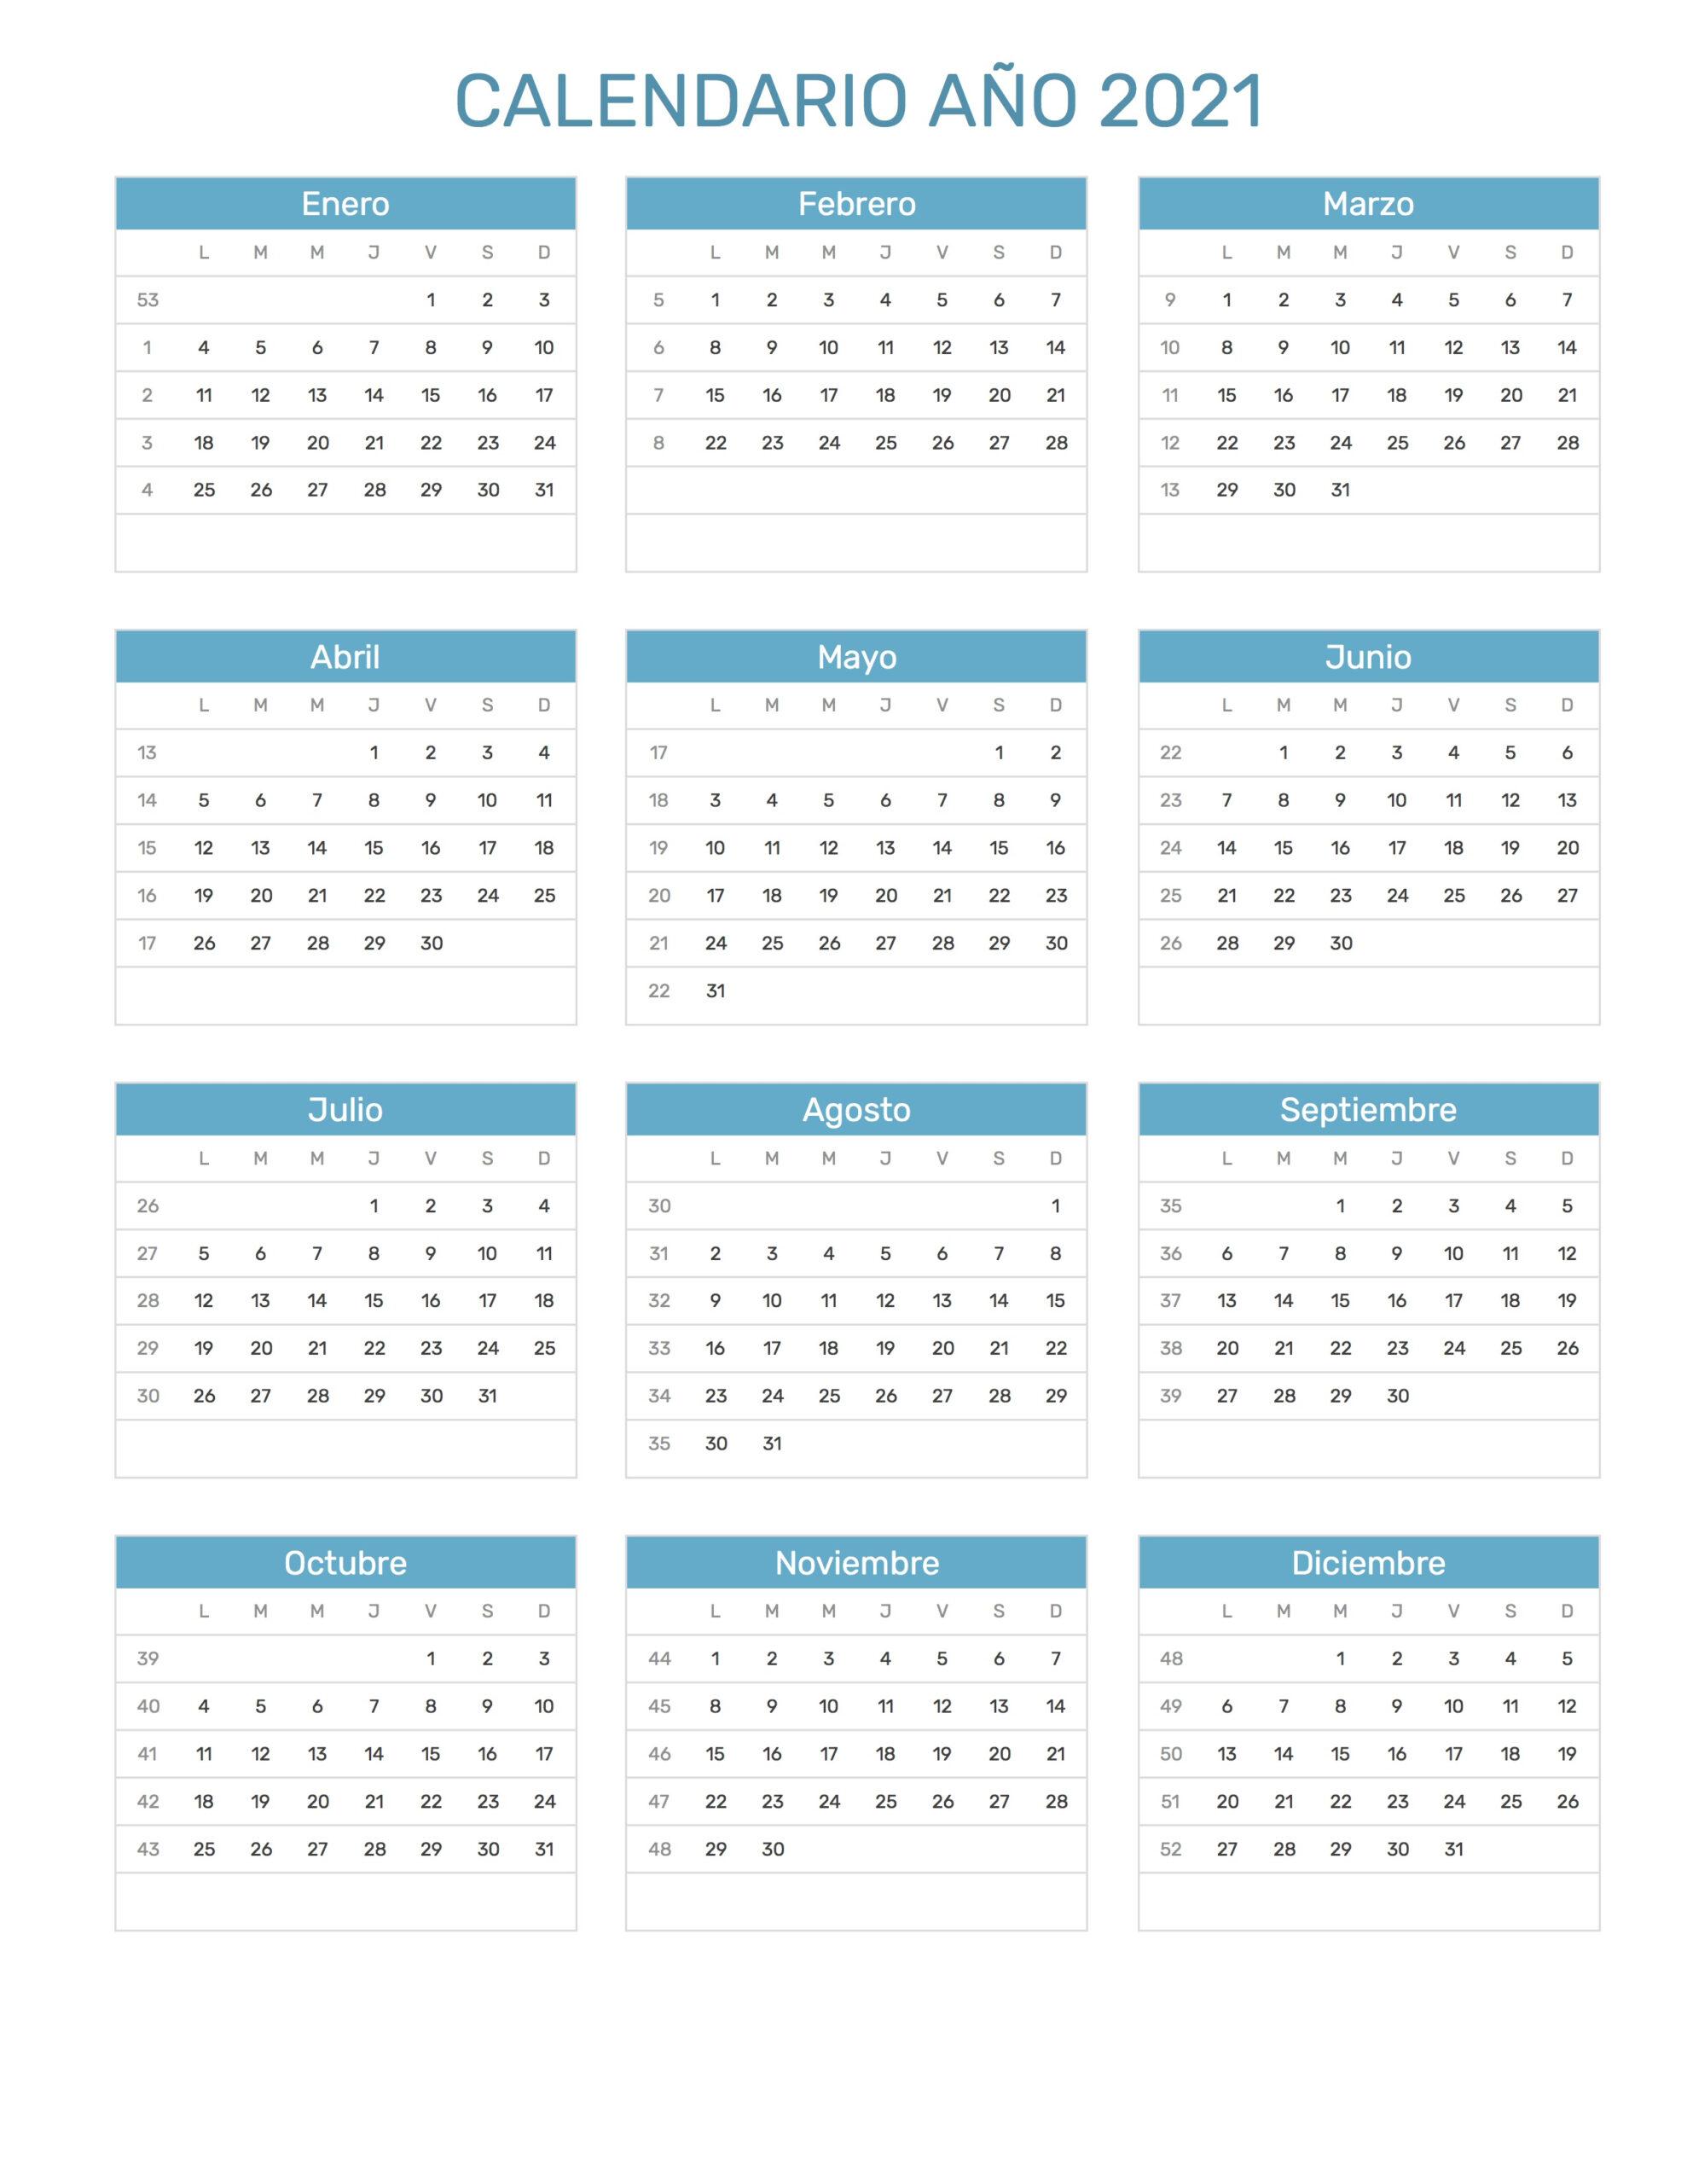 Calendario Año 2021 intended for Calendario Vertex 2021